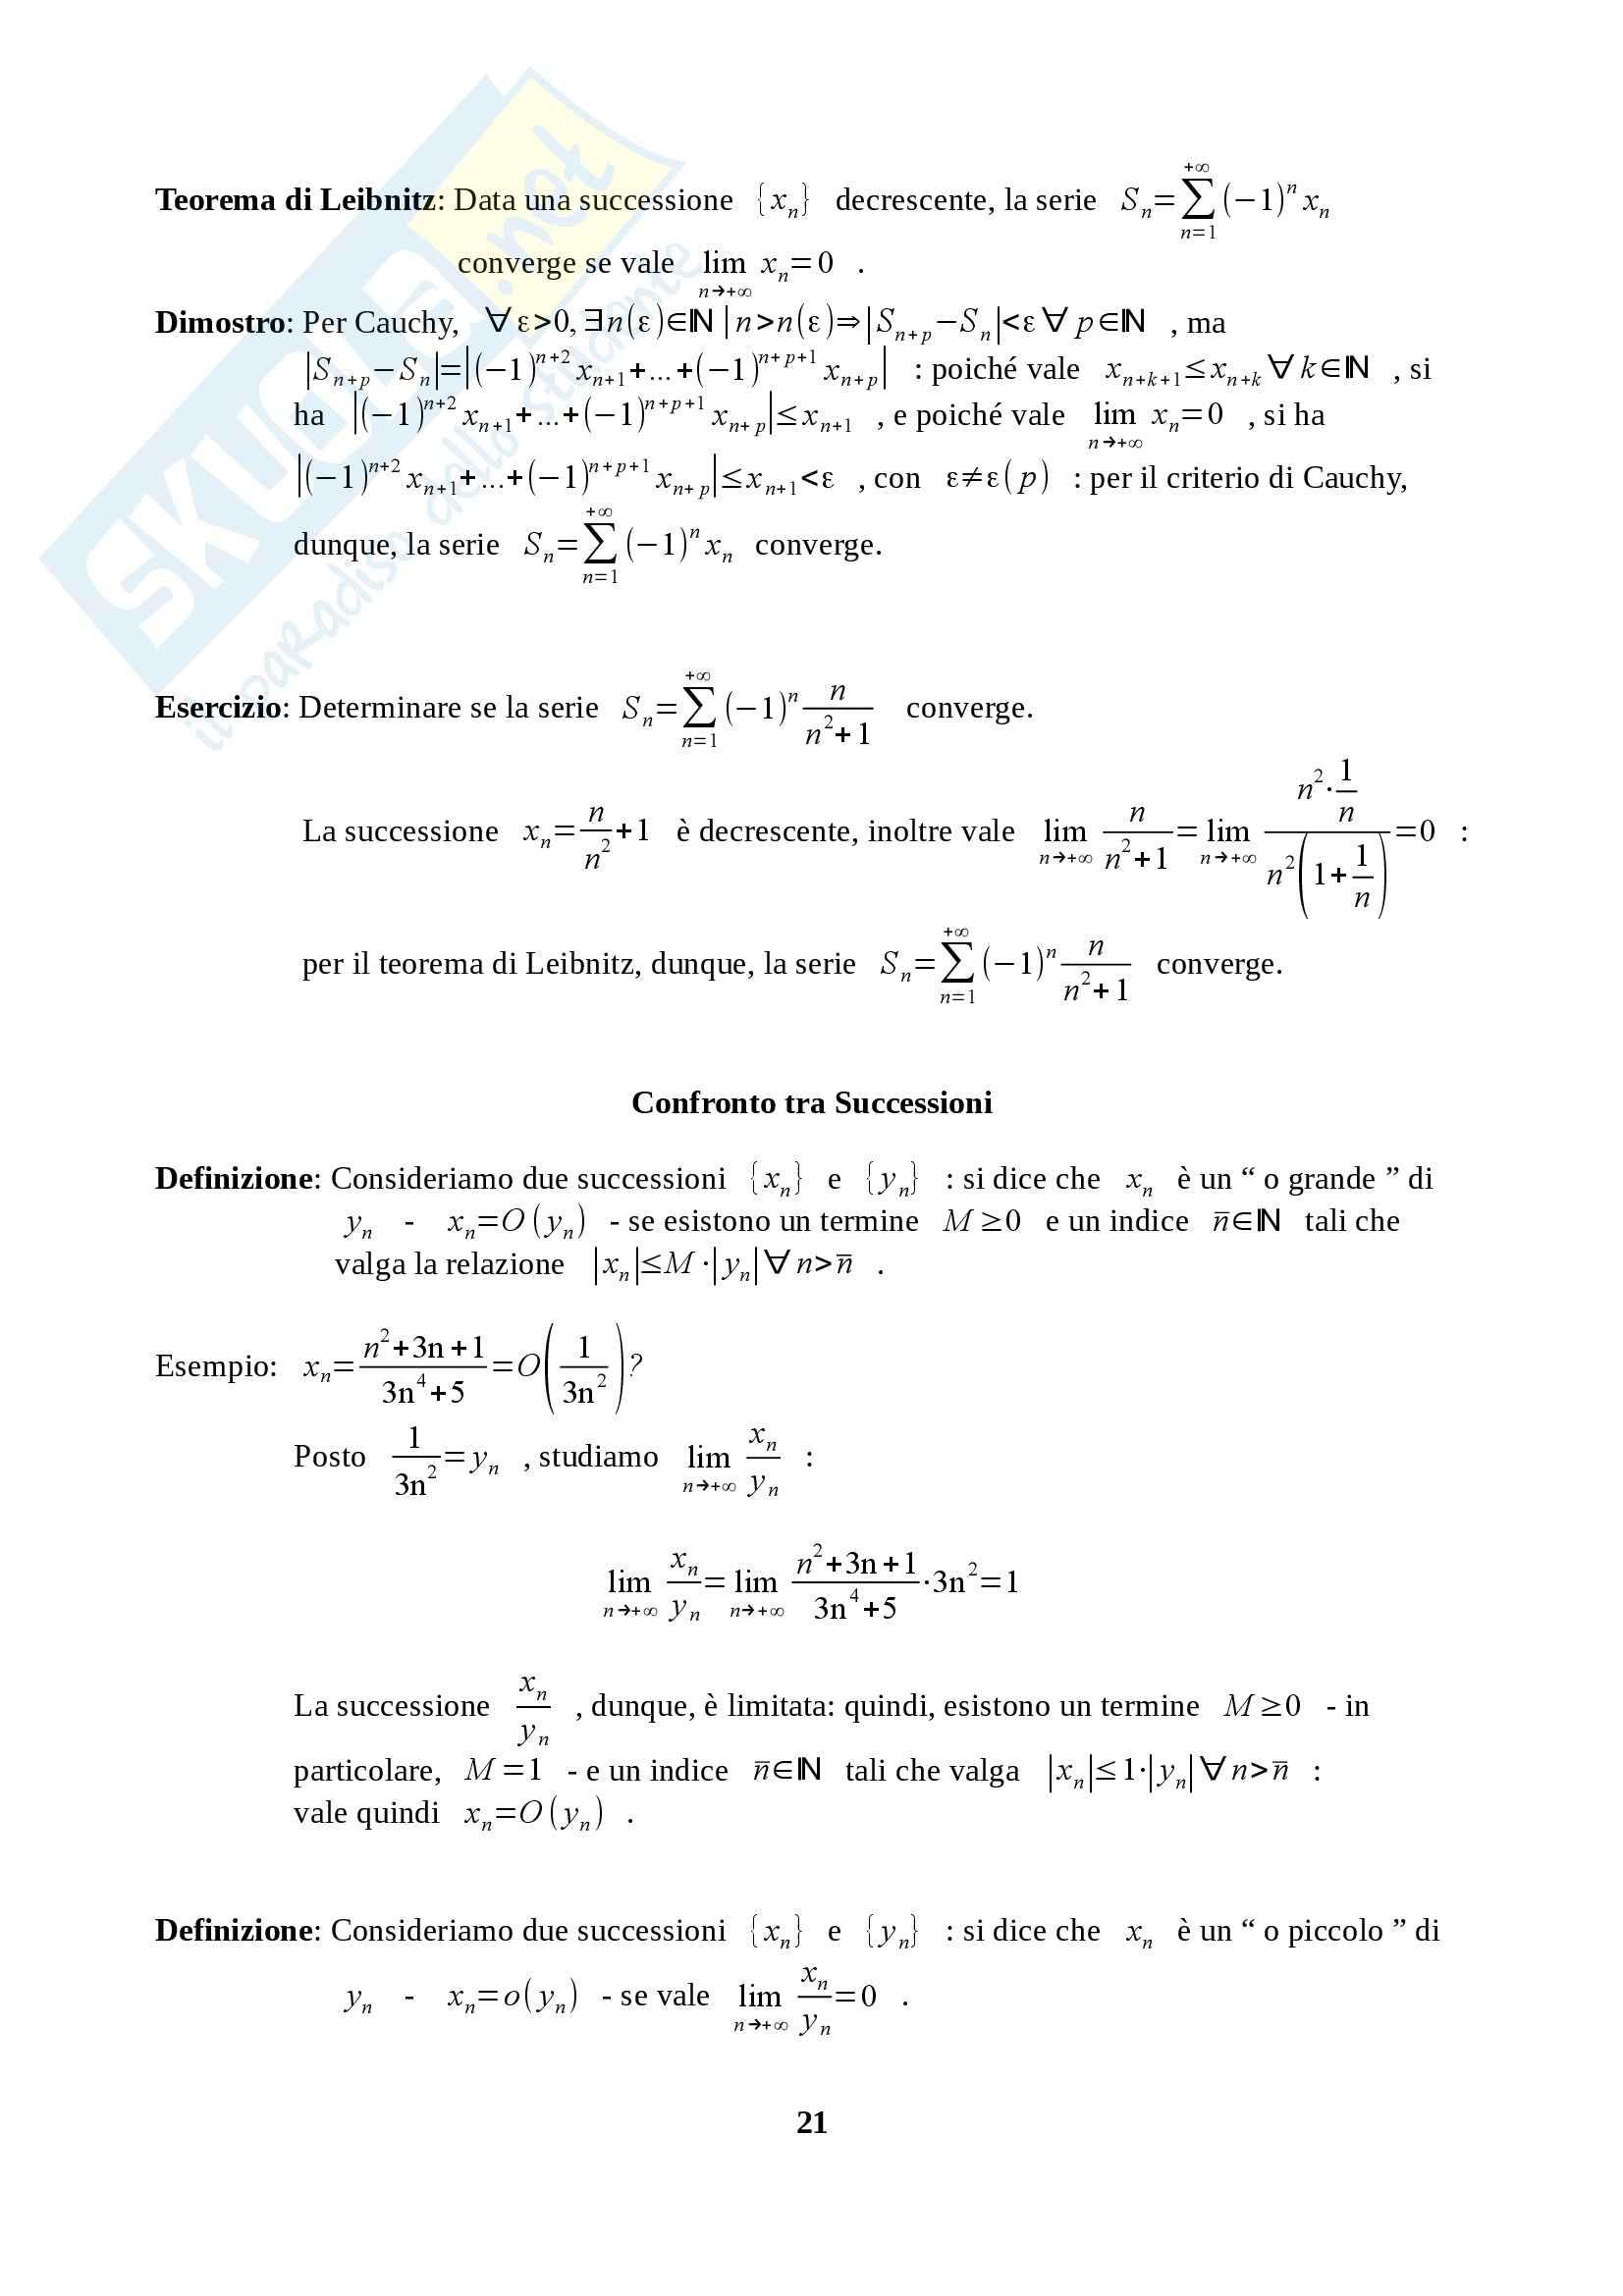 Fondamenti di Analisi 1 per l'Ingegneria - Appunti Pag. 21